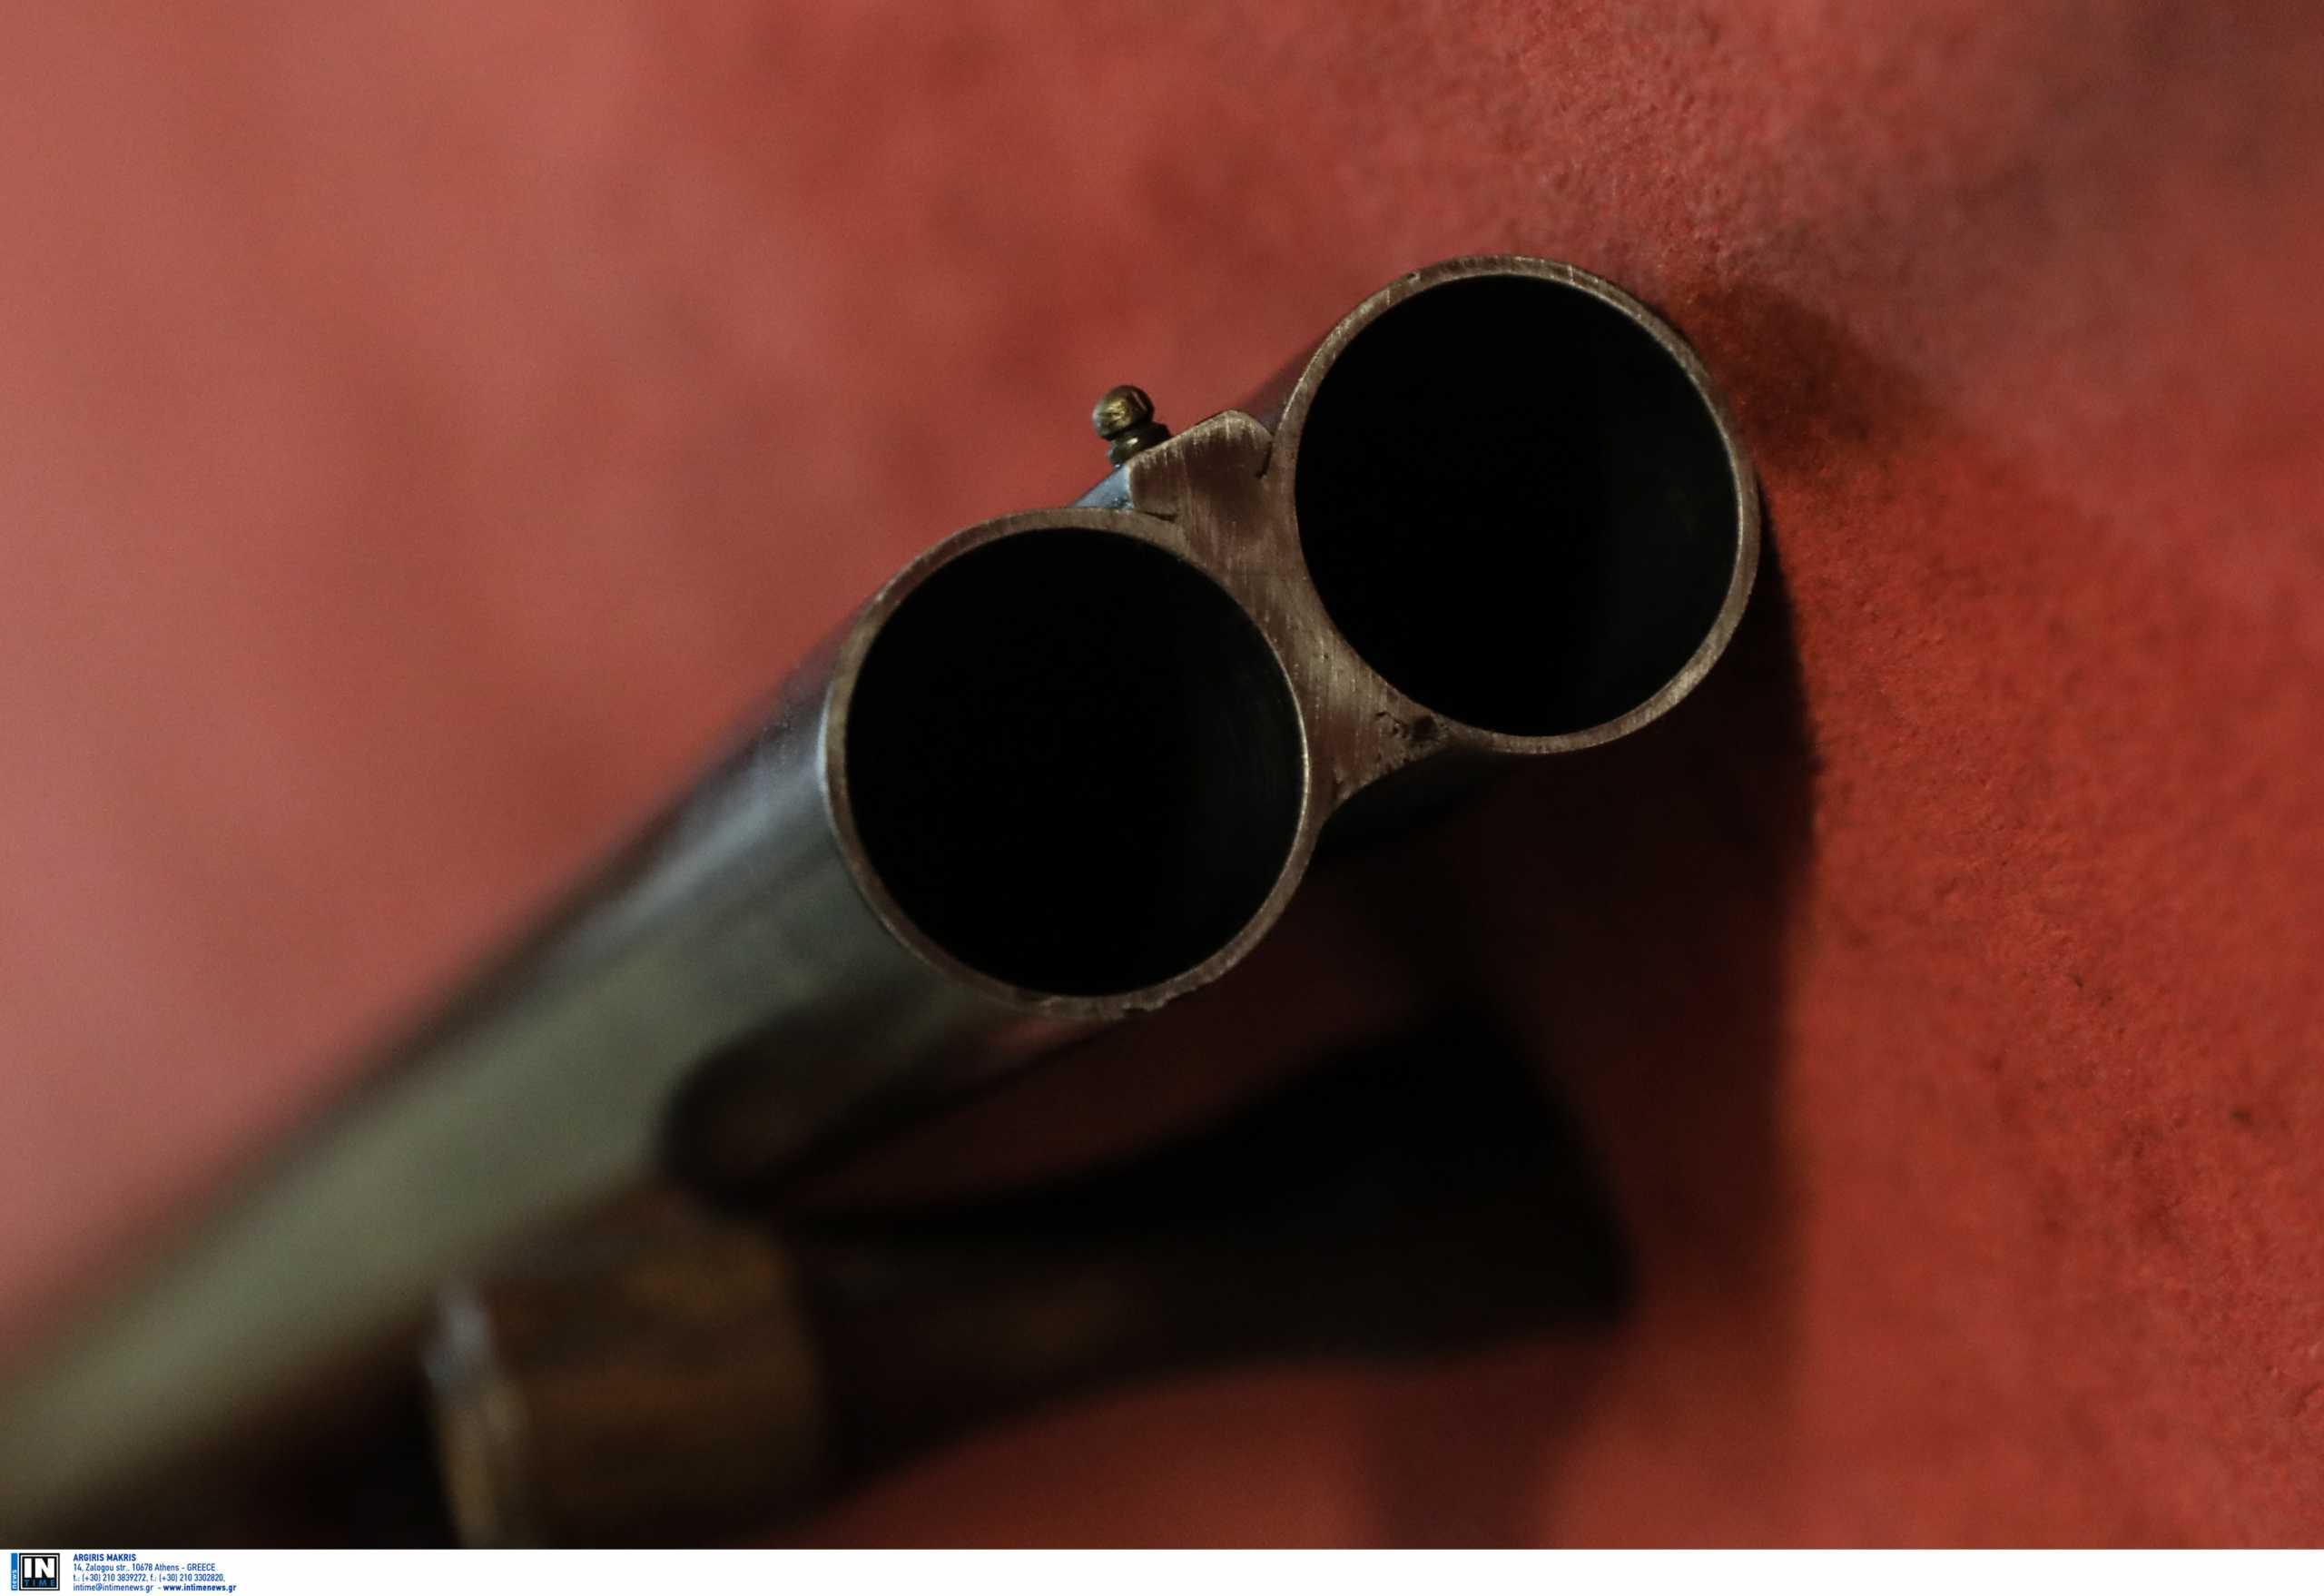 Σοκ: 15χρονος λήστεψε και σκότωσε εν ψυχρώ 37χρονο κτηματομεσίτη